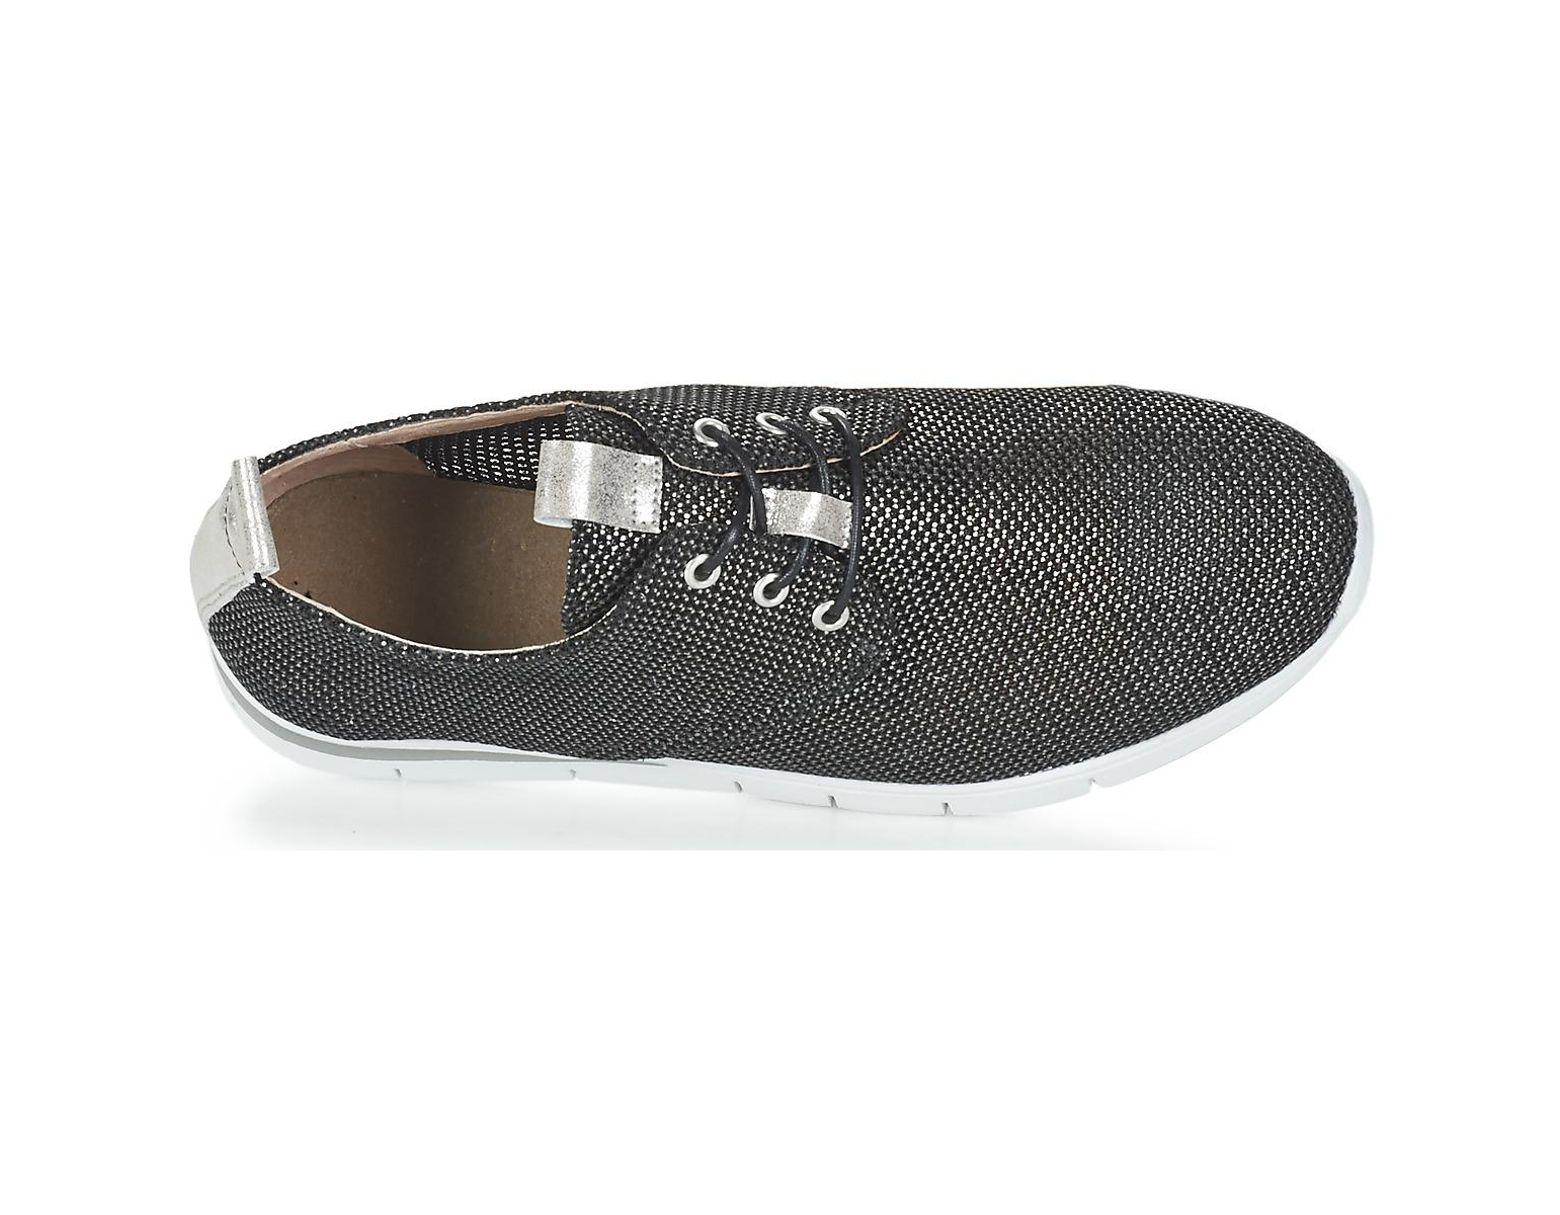 f3c24ae982b27 Hispanitas Dedounoir Women's Shoes (trainers) In Black in Black - Lyst